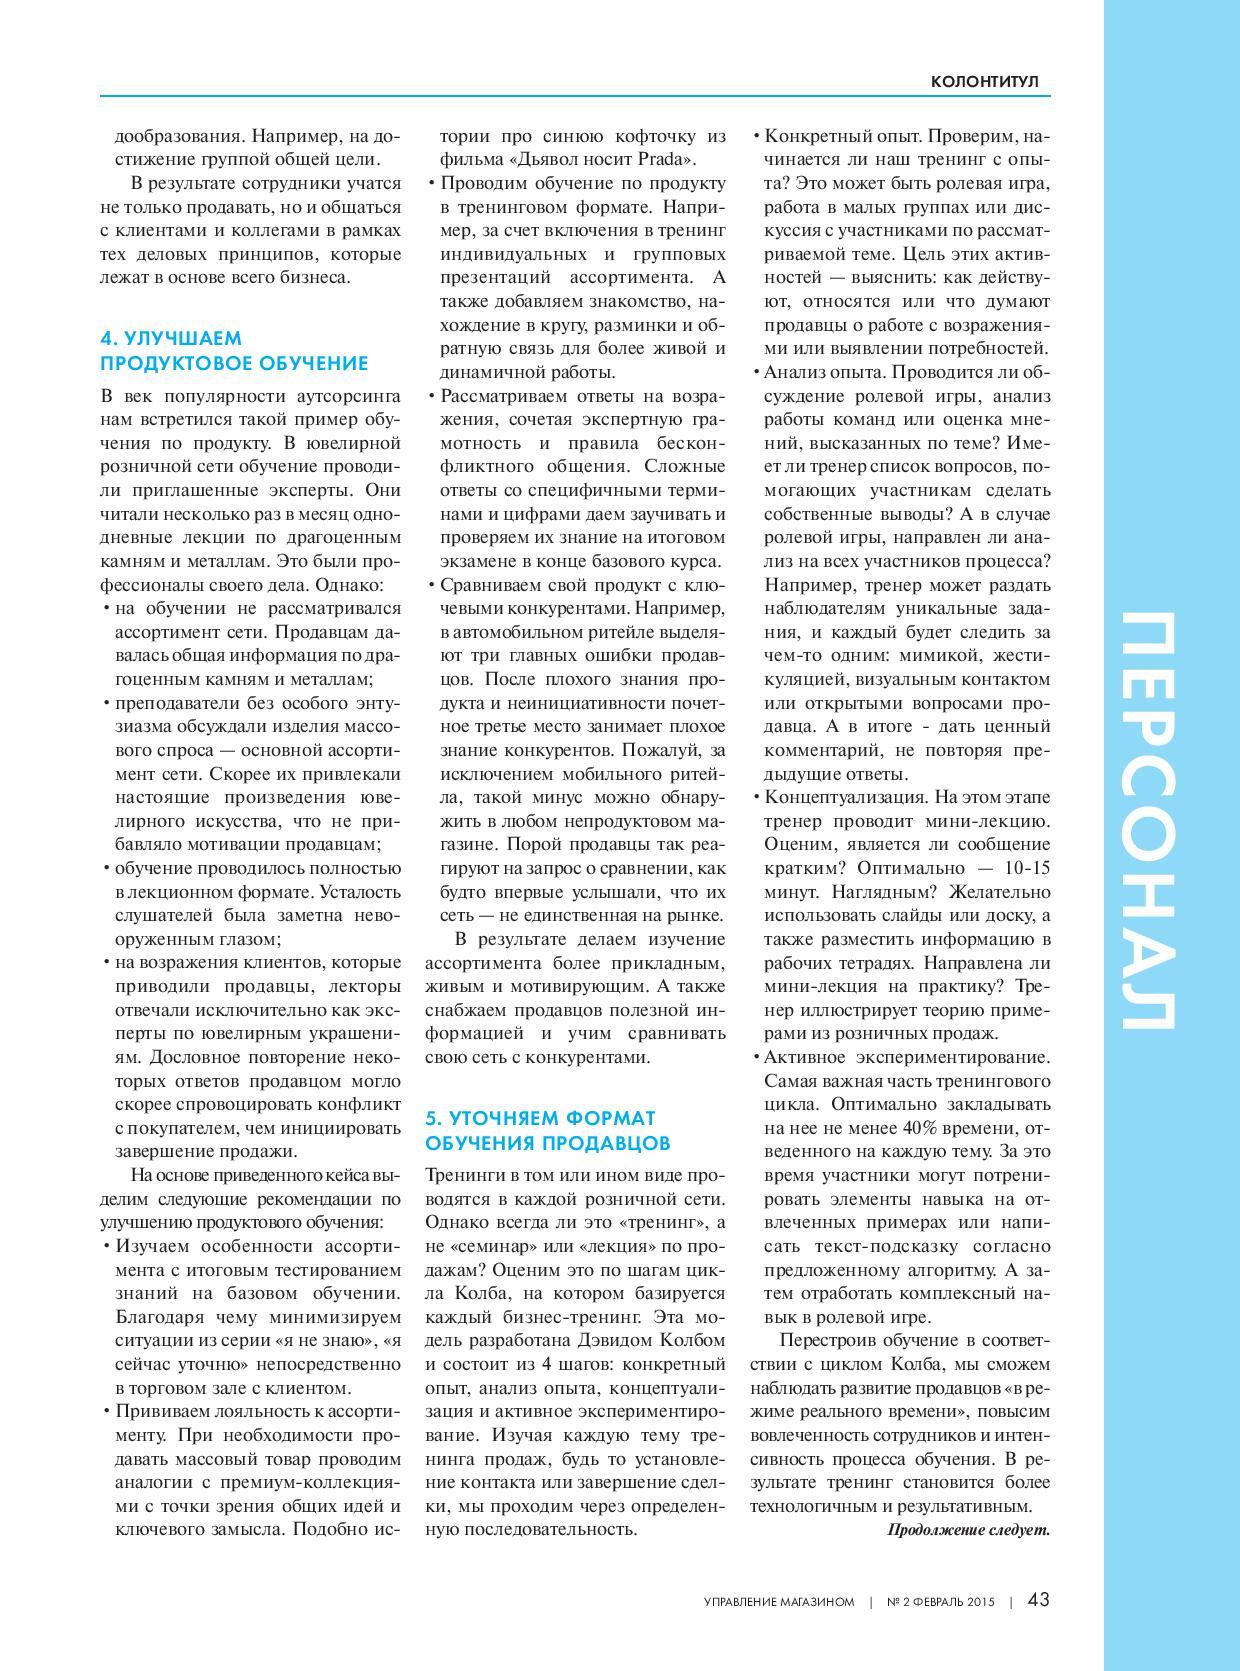 Обучение торгового персонала_1 статья-page-003